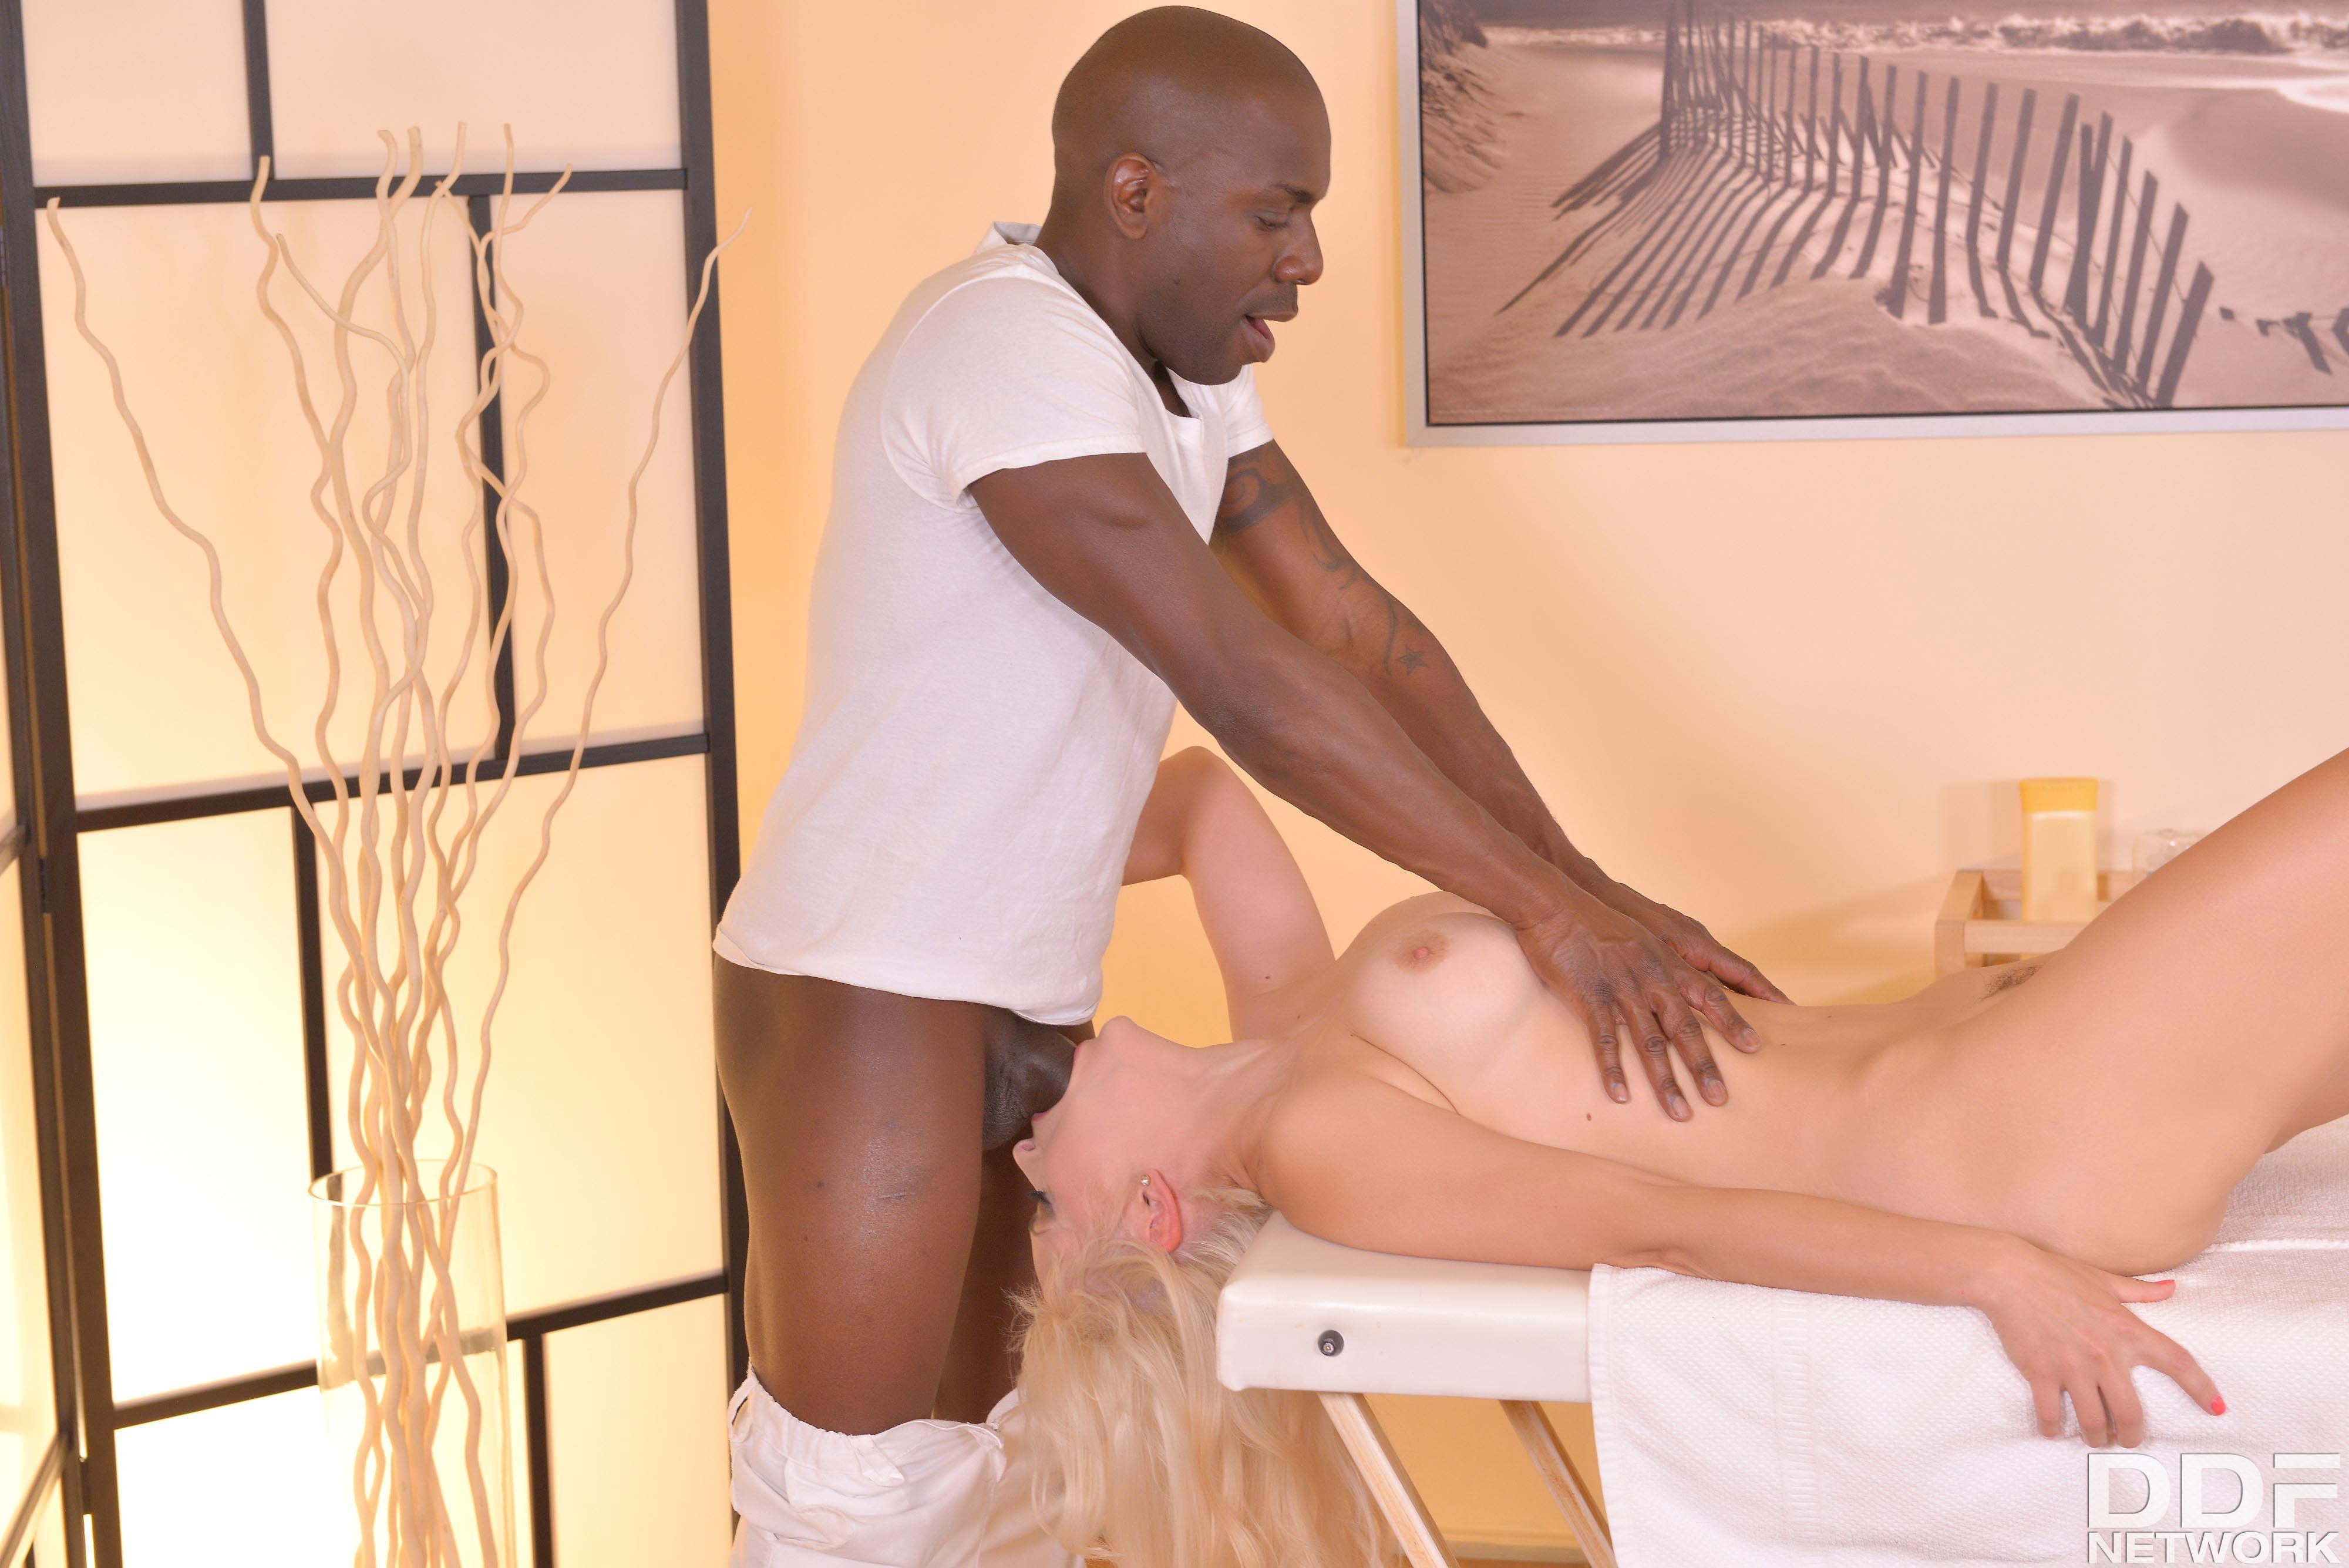 Отдалась негру массажисту с большой елдой порно фото бесплатно